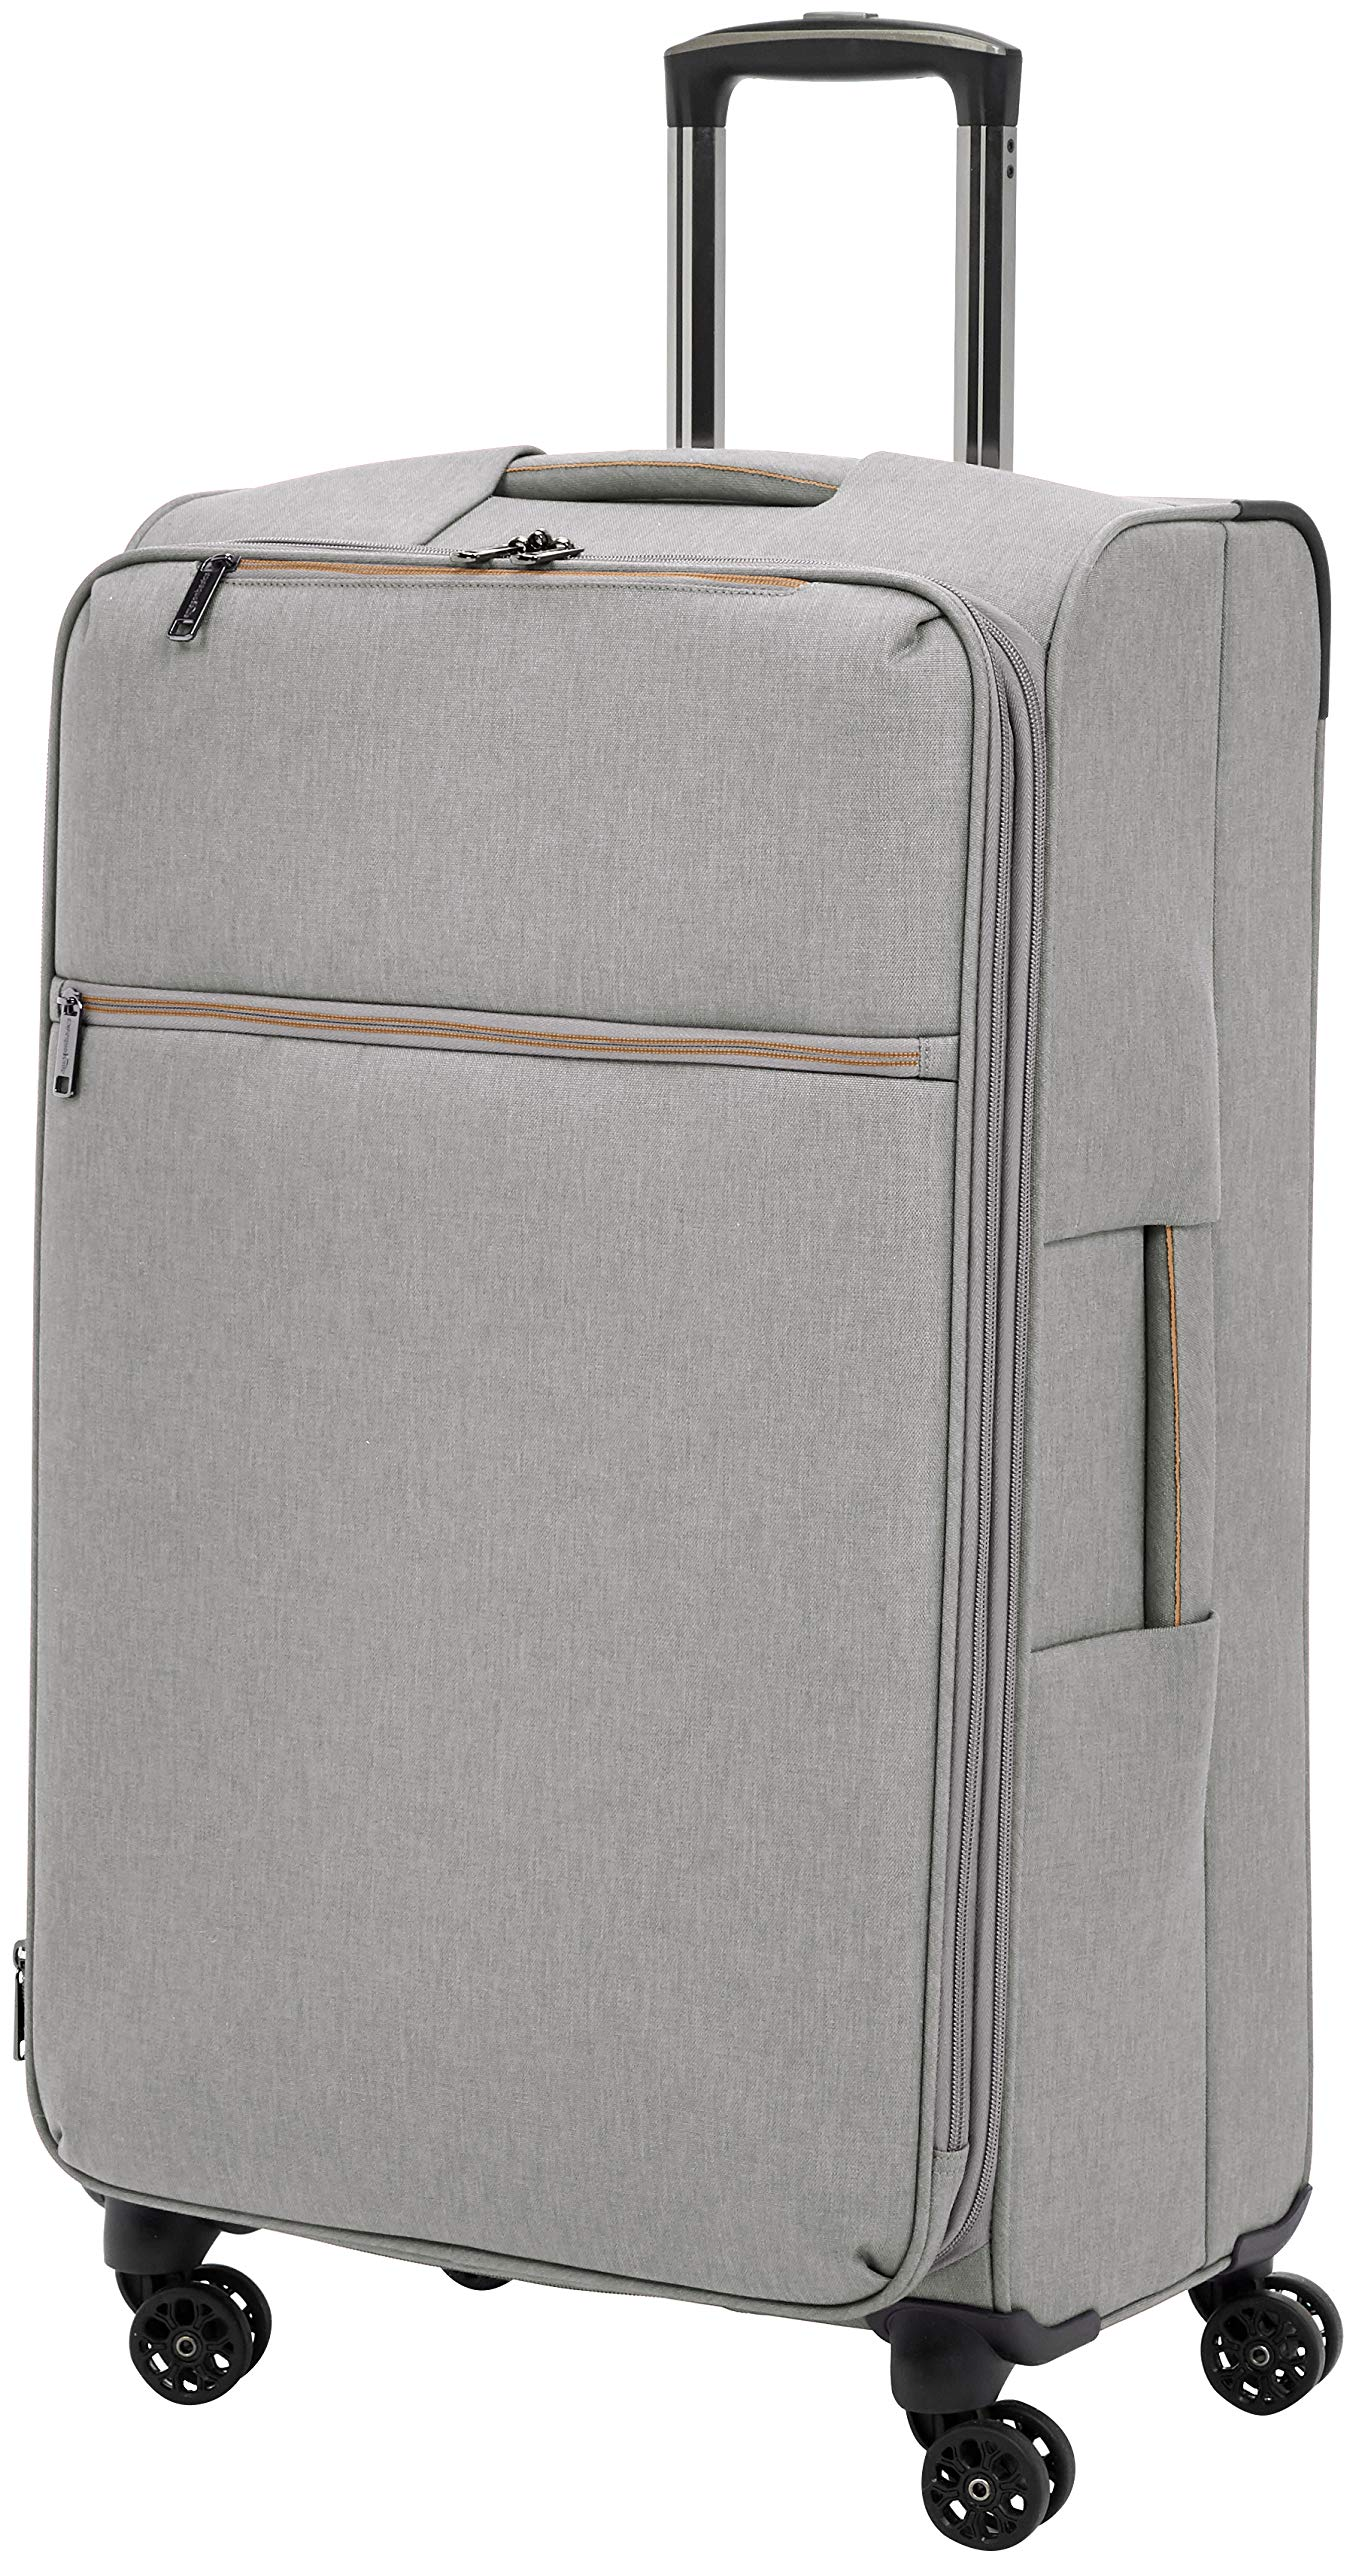 AmazonBasics Belltown Softside Luggage Suitcase